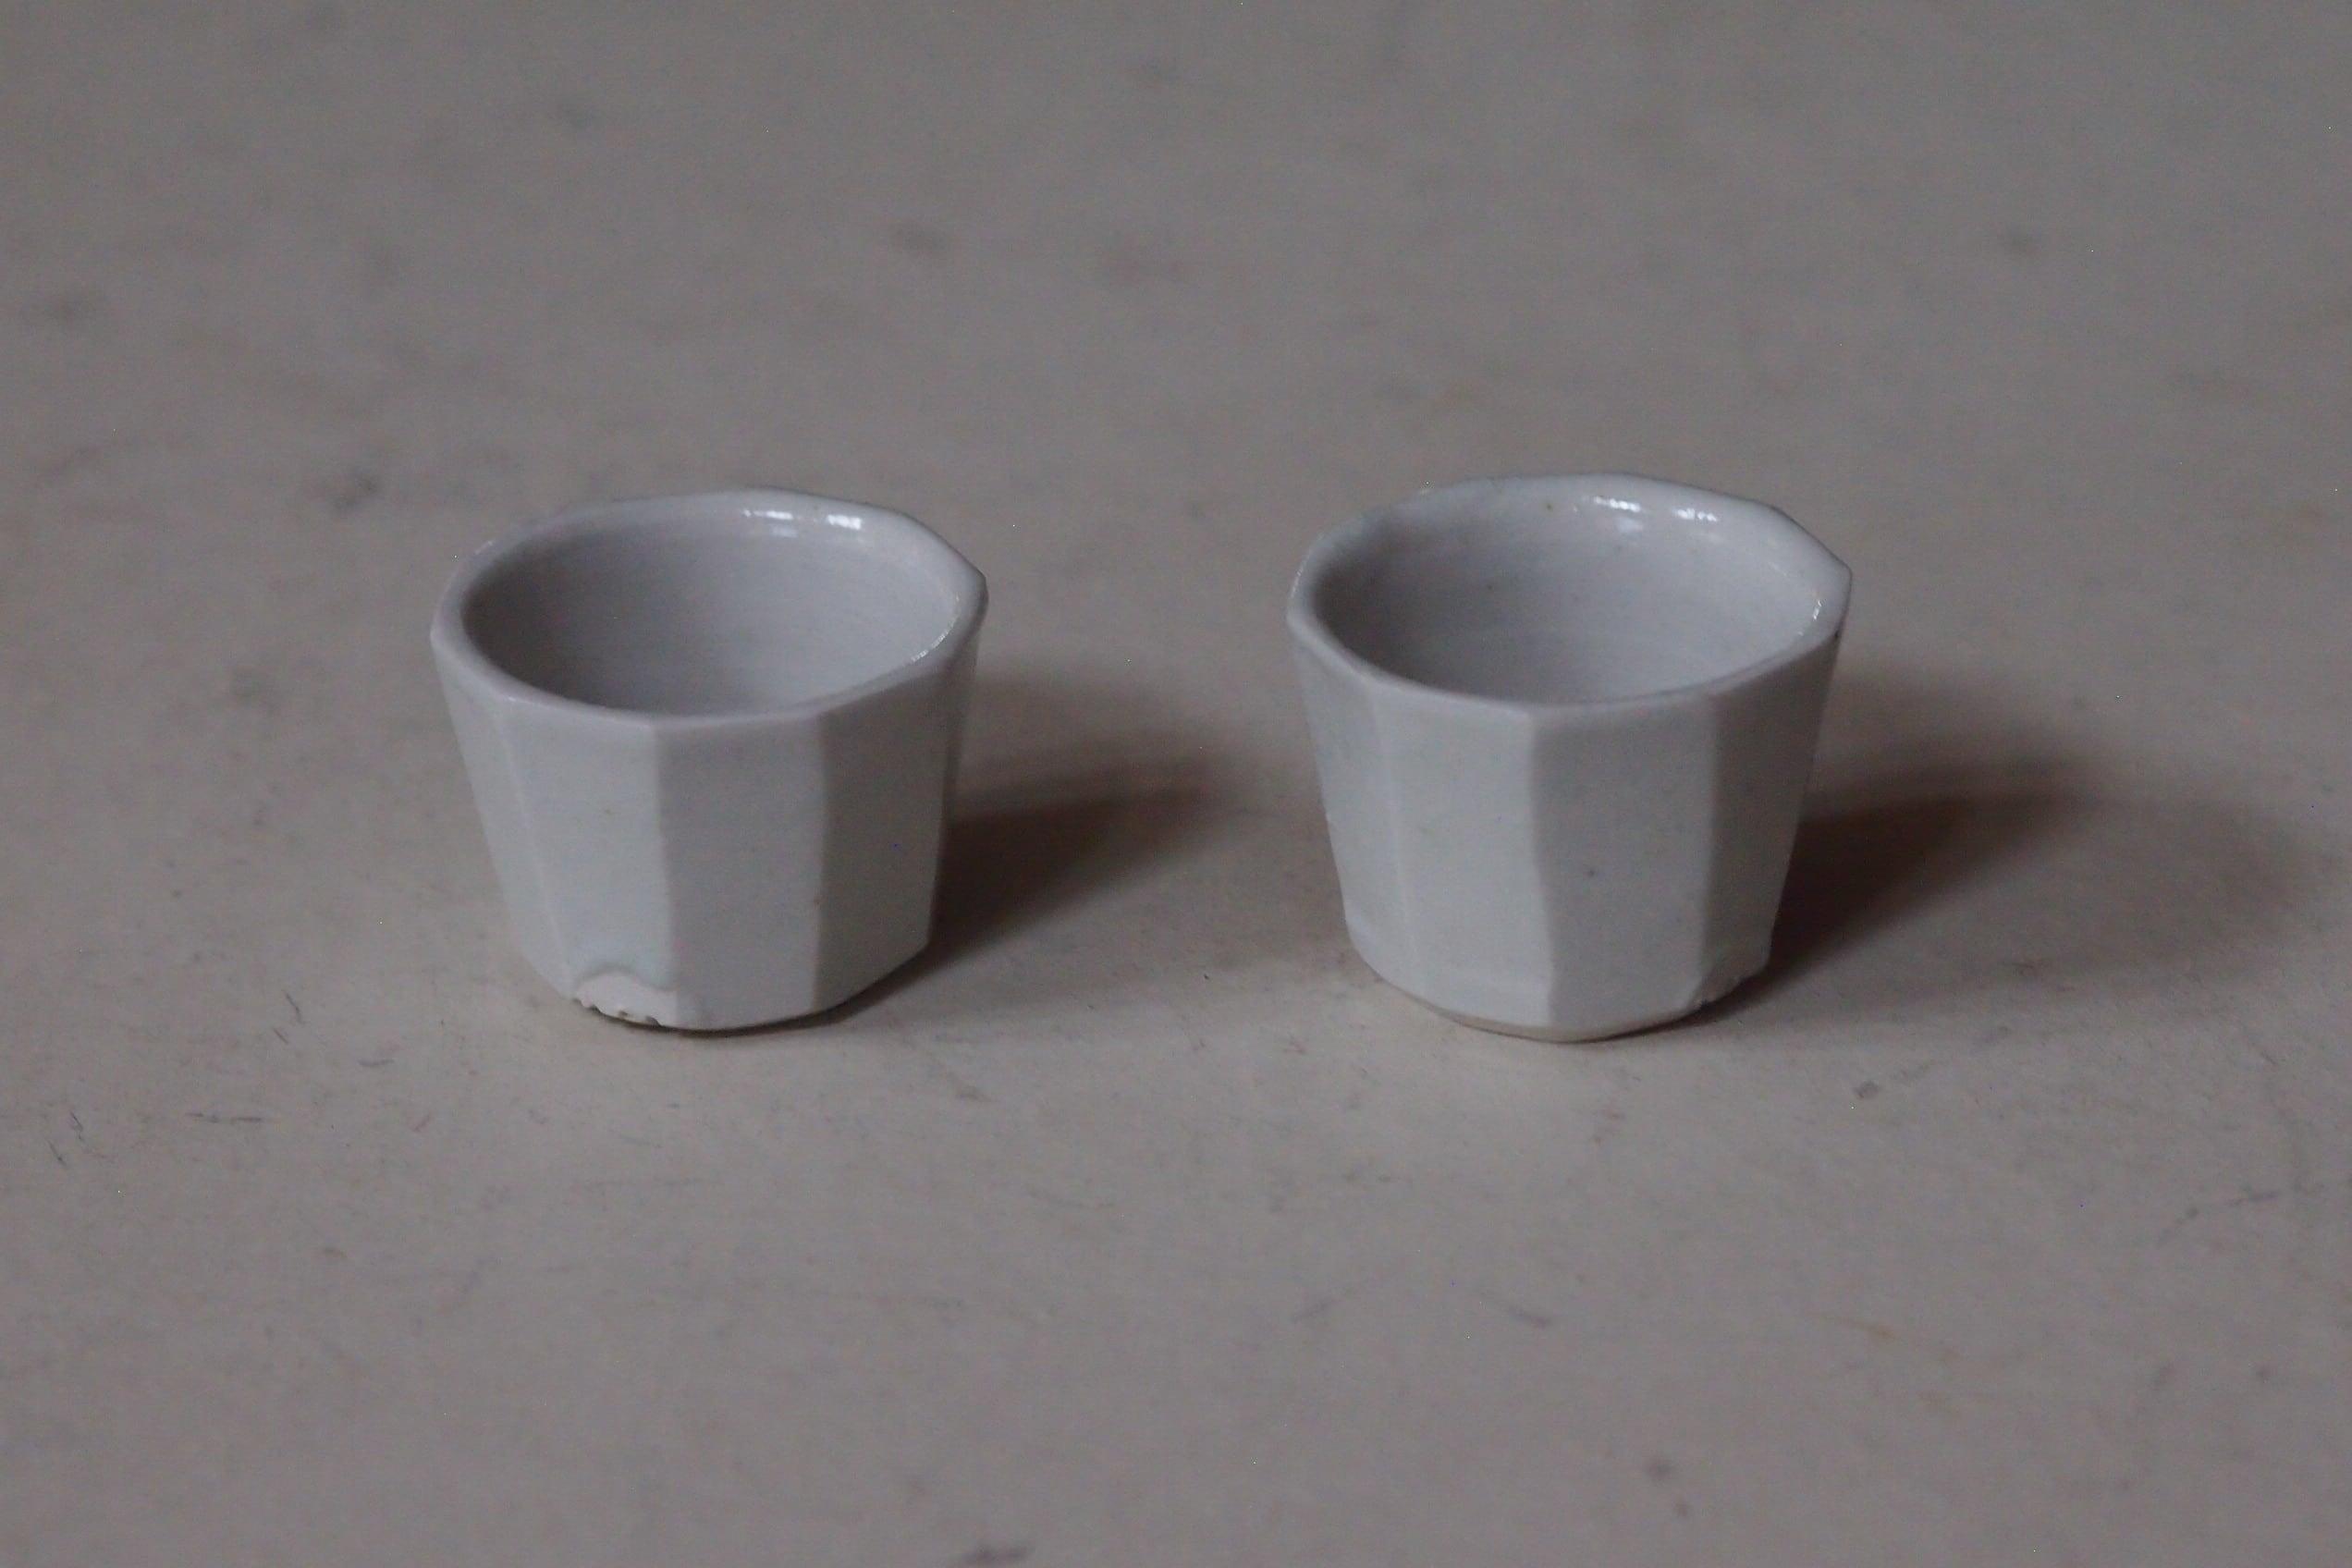 伊藤環 646.白磁十角茶杯